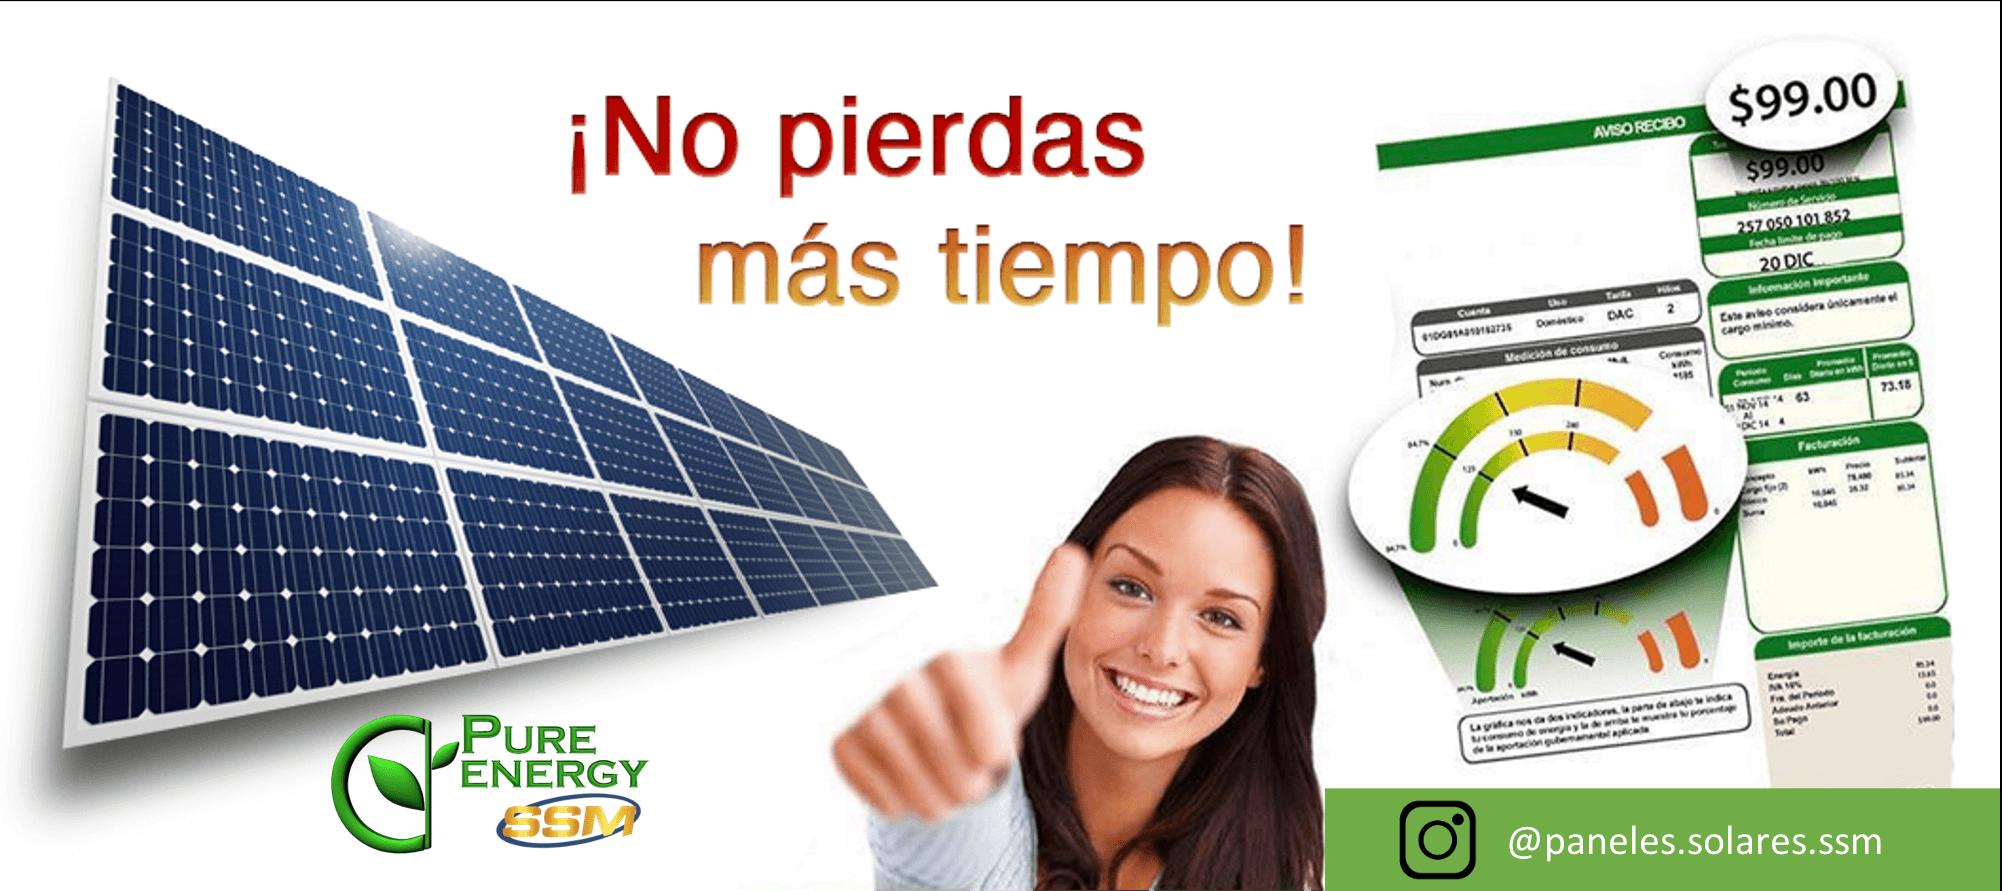 Paneles solares energy